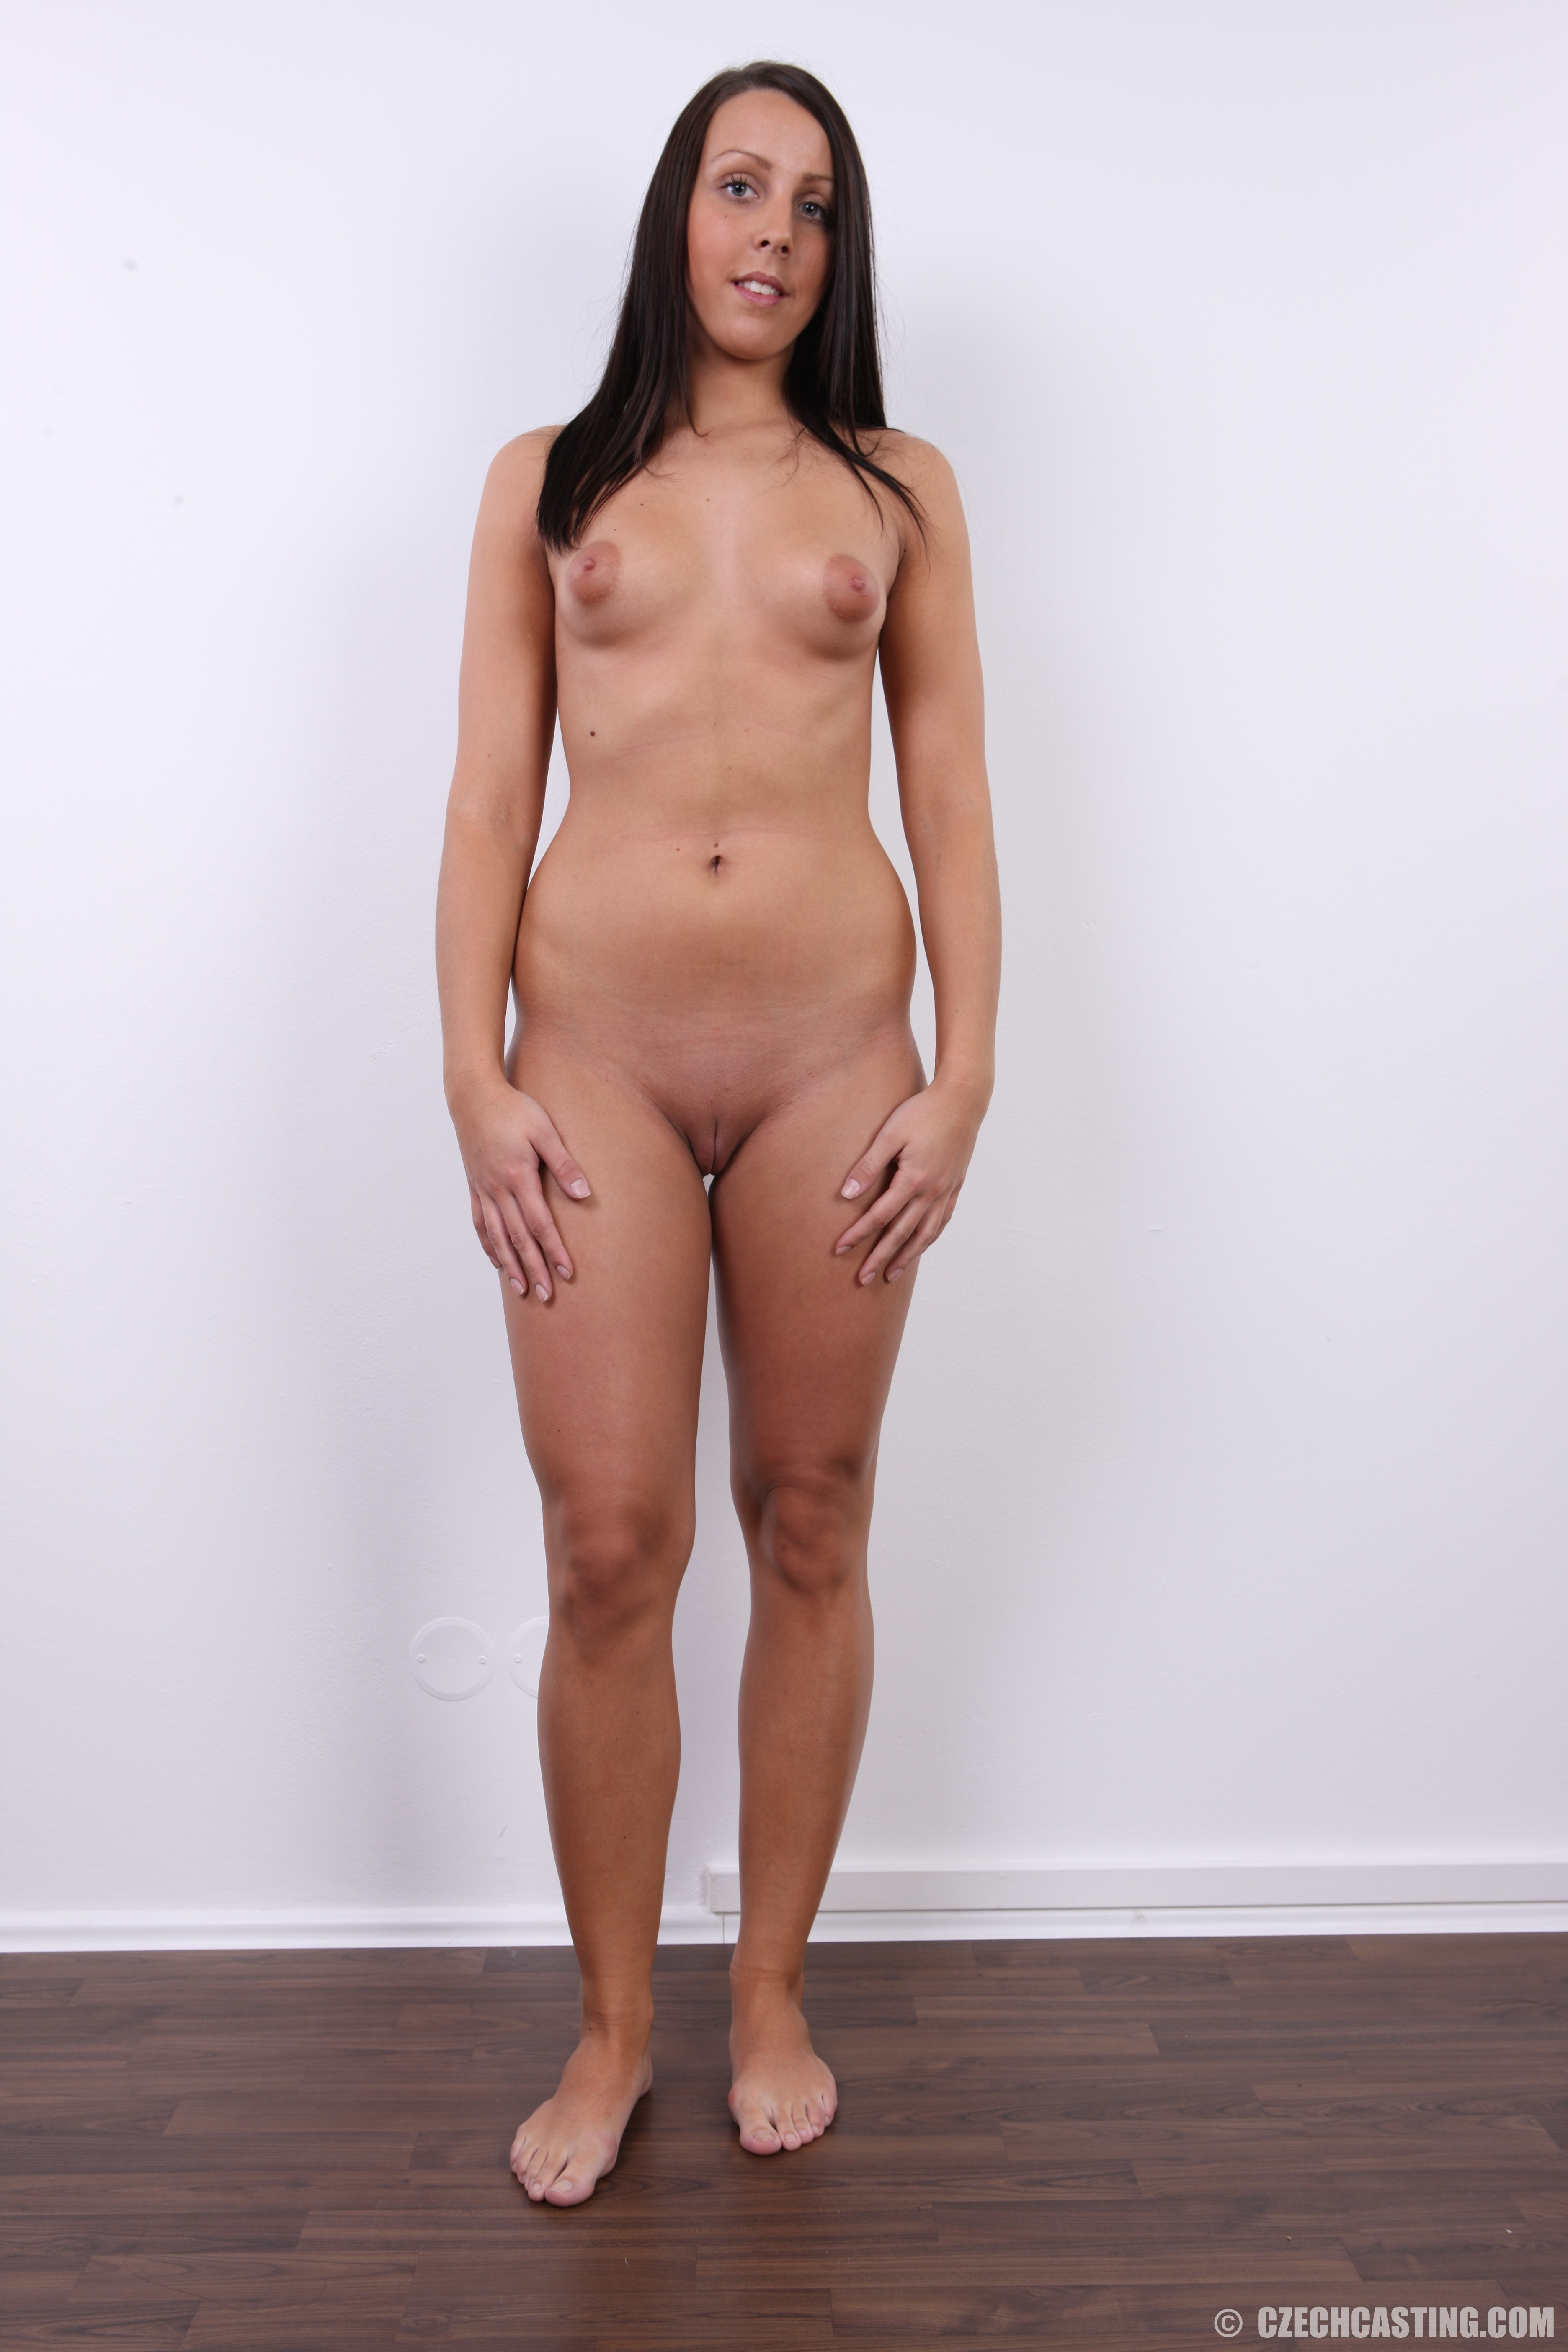 Czech Casting Czechcasting Model Free Amateurs Playmate Sex HQ Pics